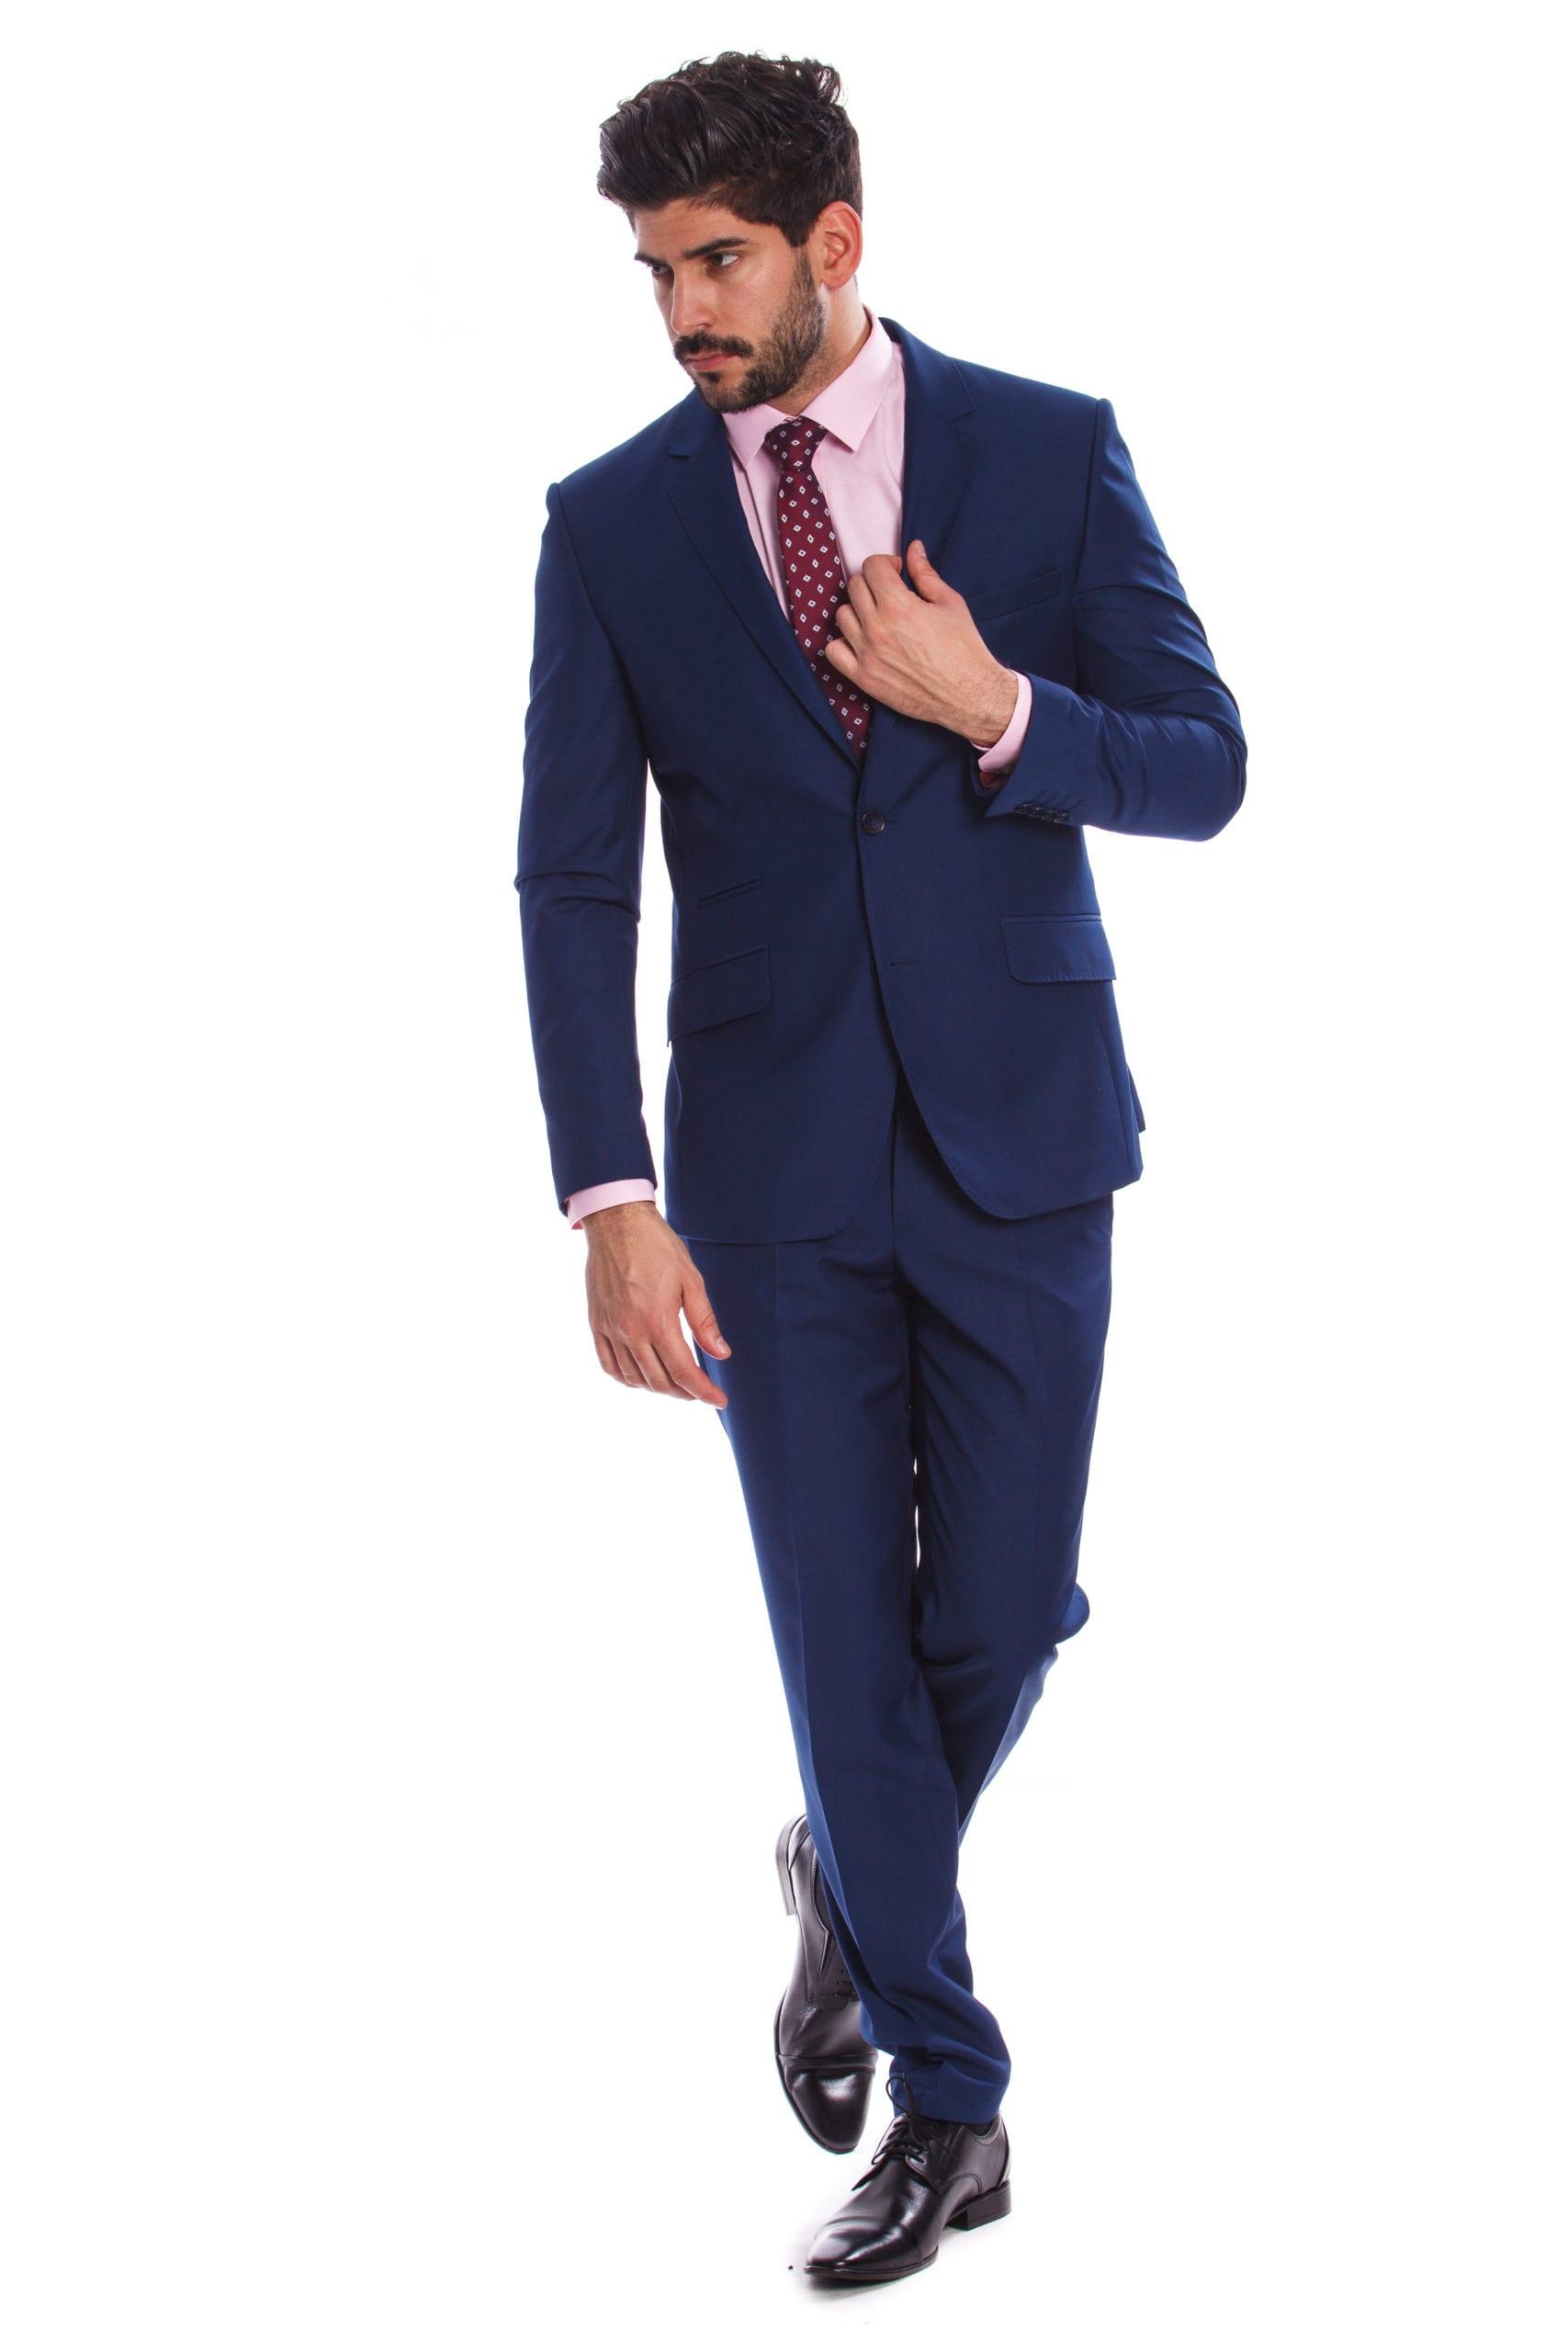 a26f3bd865 Ferrara Kék Slim Fit Öltönyzakó - Elite Fashion Öltönyház